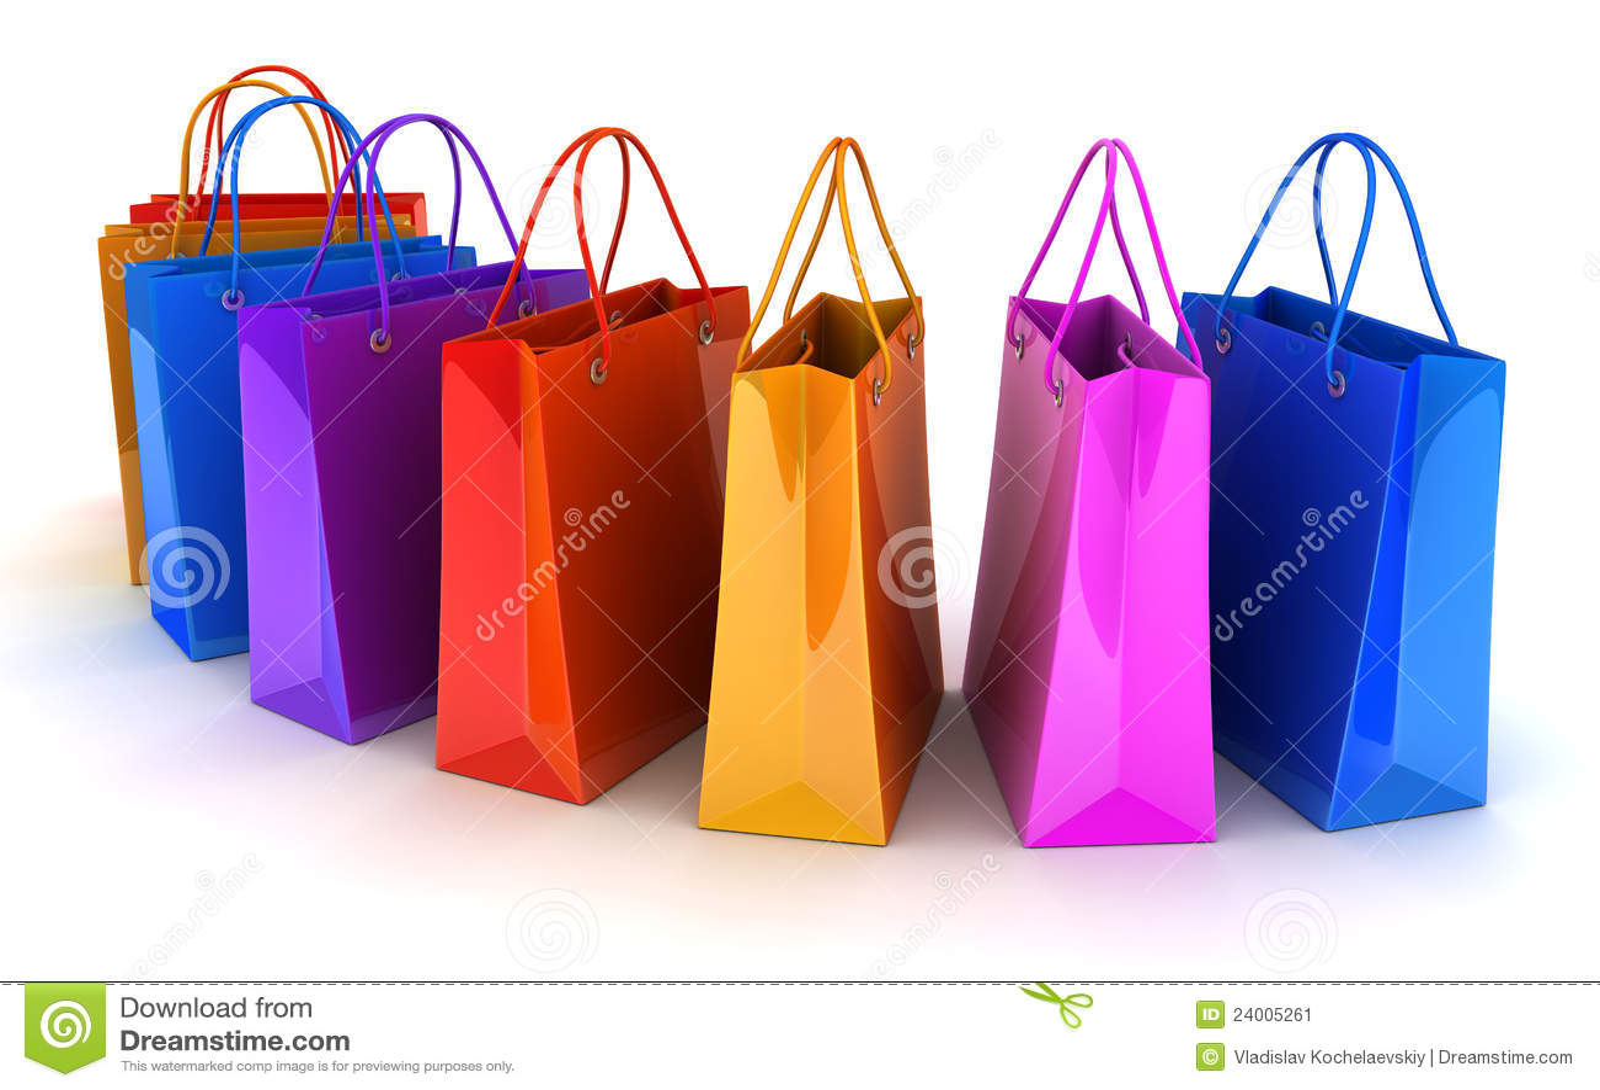 Shop Bag Row Stock Image - Image: 24005261